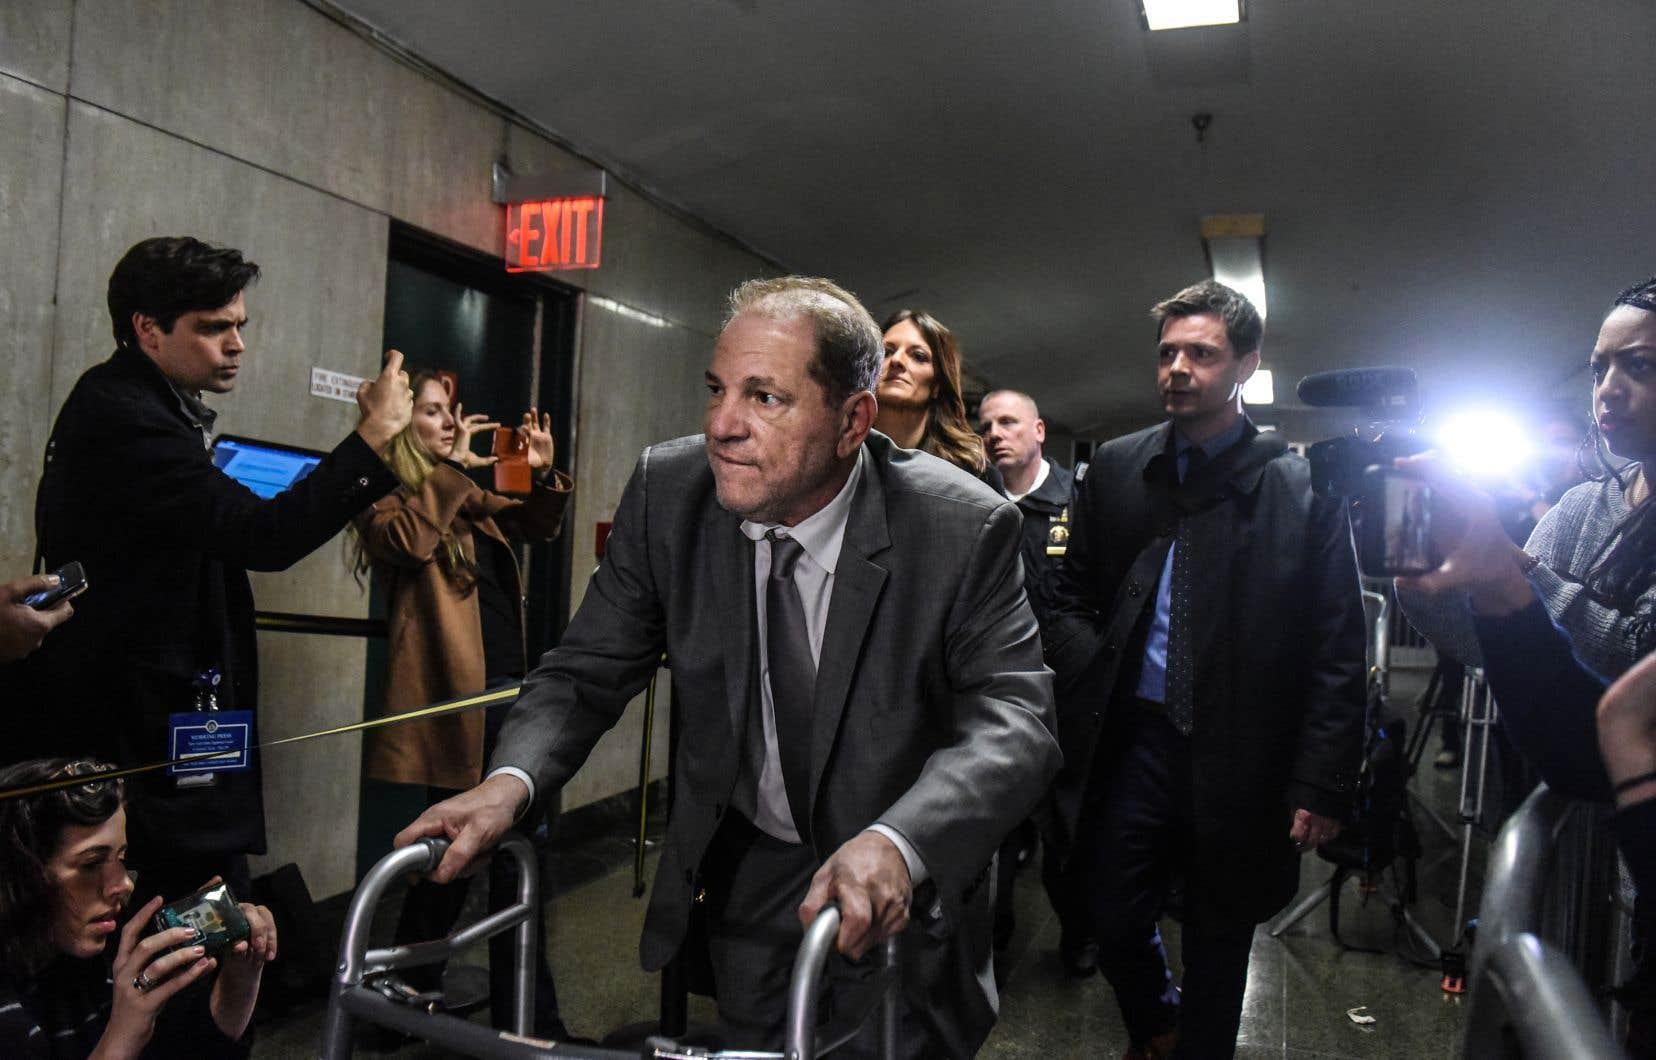 En apprenant que la cause pour laquelle ils avaient été appelés concernait le producteur Harvey Weinstein, montré ici à sa sortie du palais de justice de New York, une quarantaine de jurés ont immédiatement signalé qu'ils ne pourraient être «justes et impartiaux».